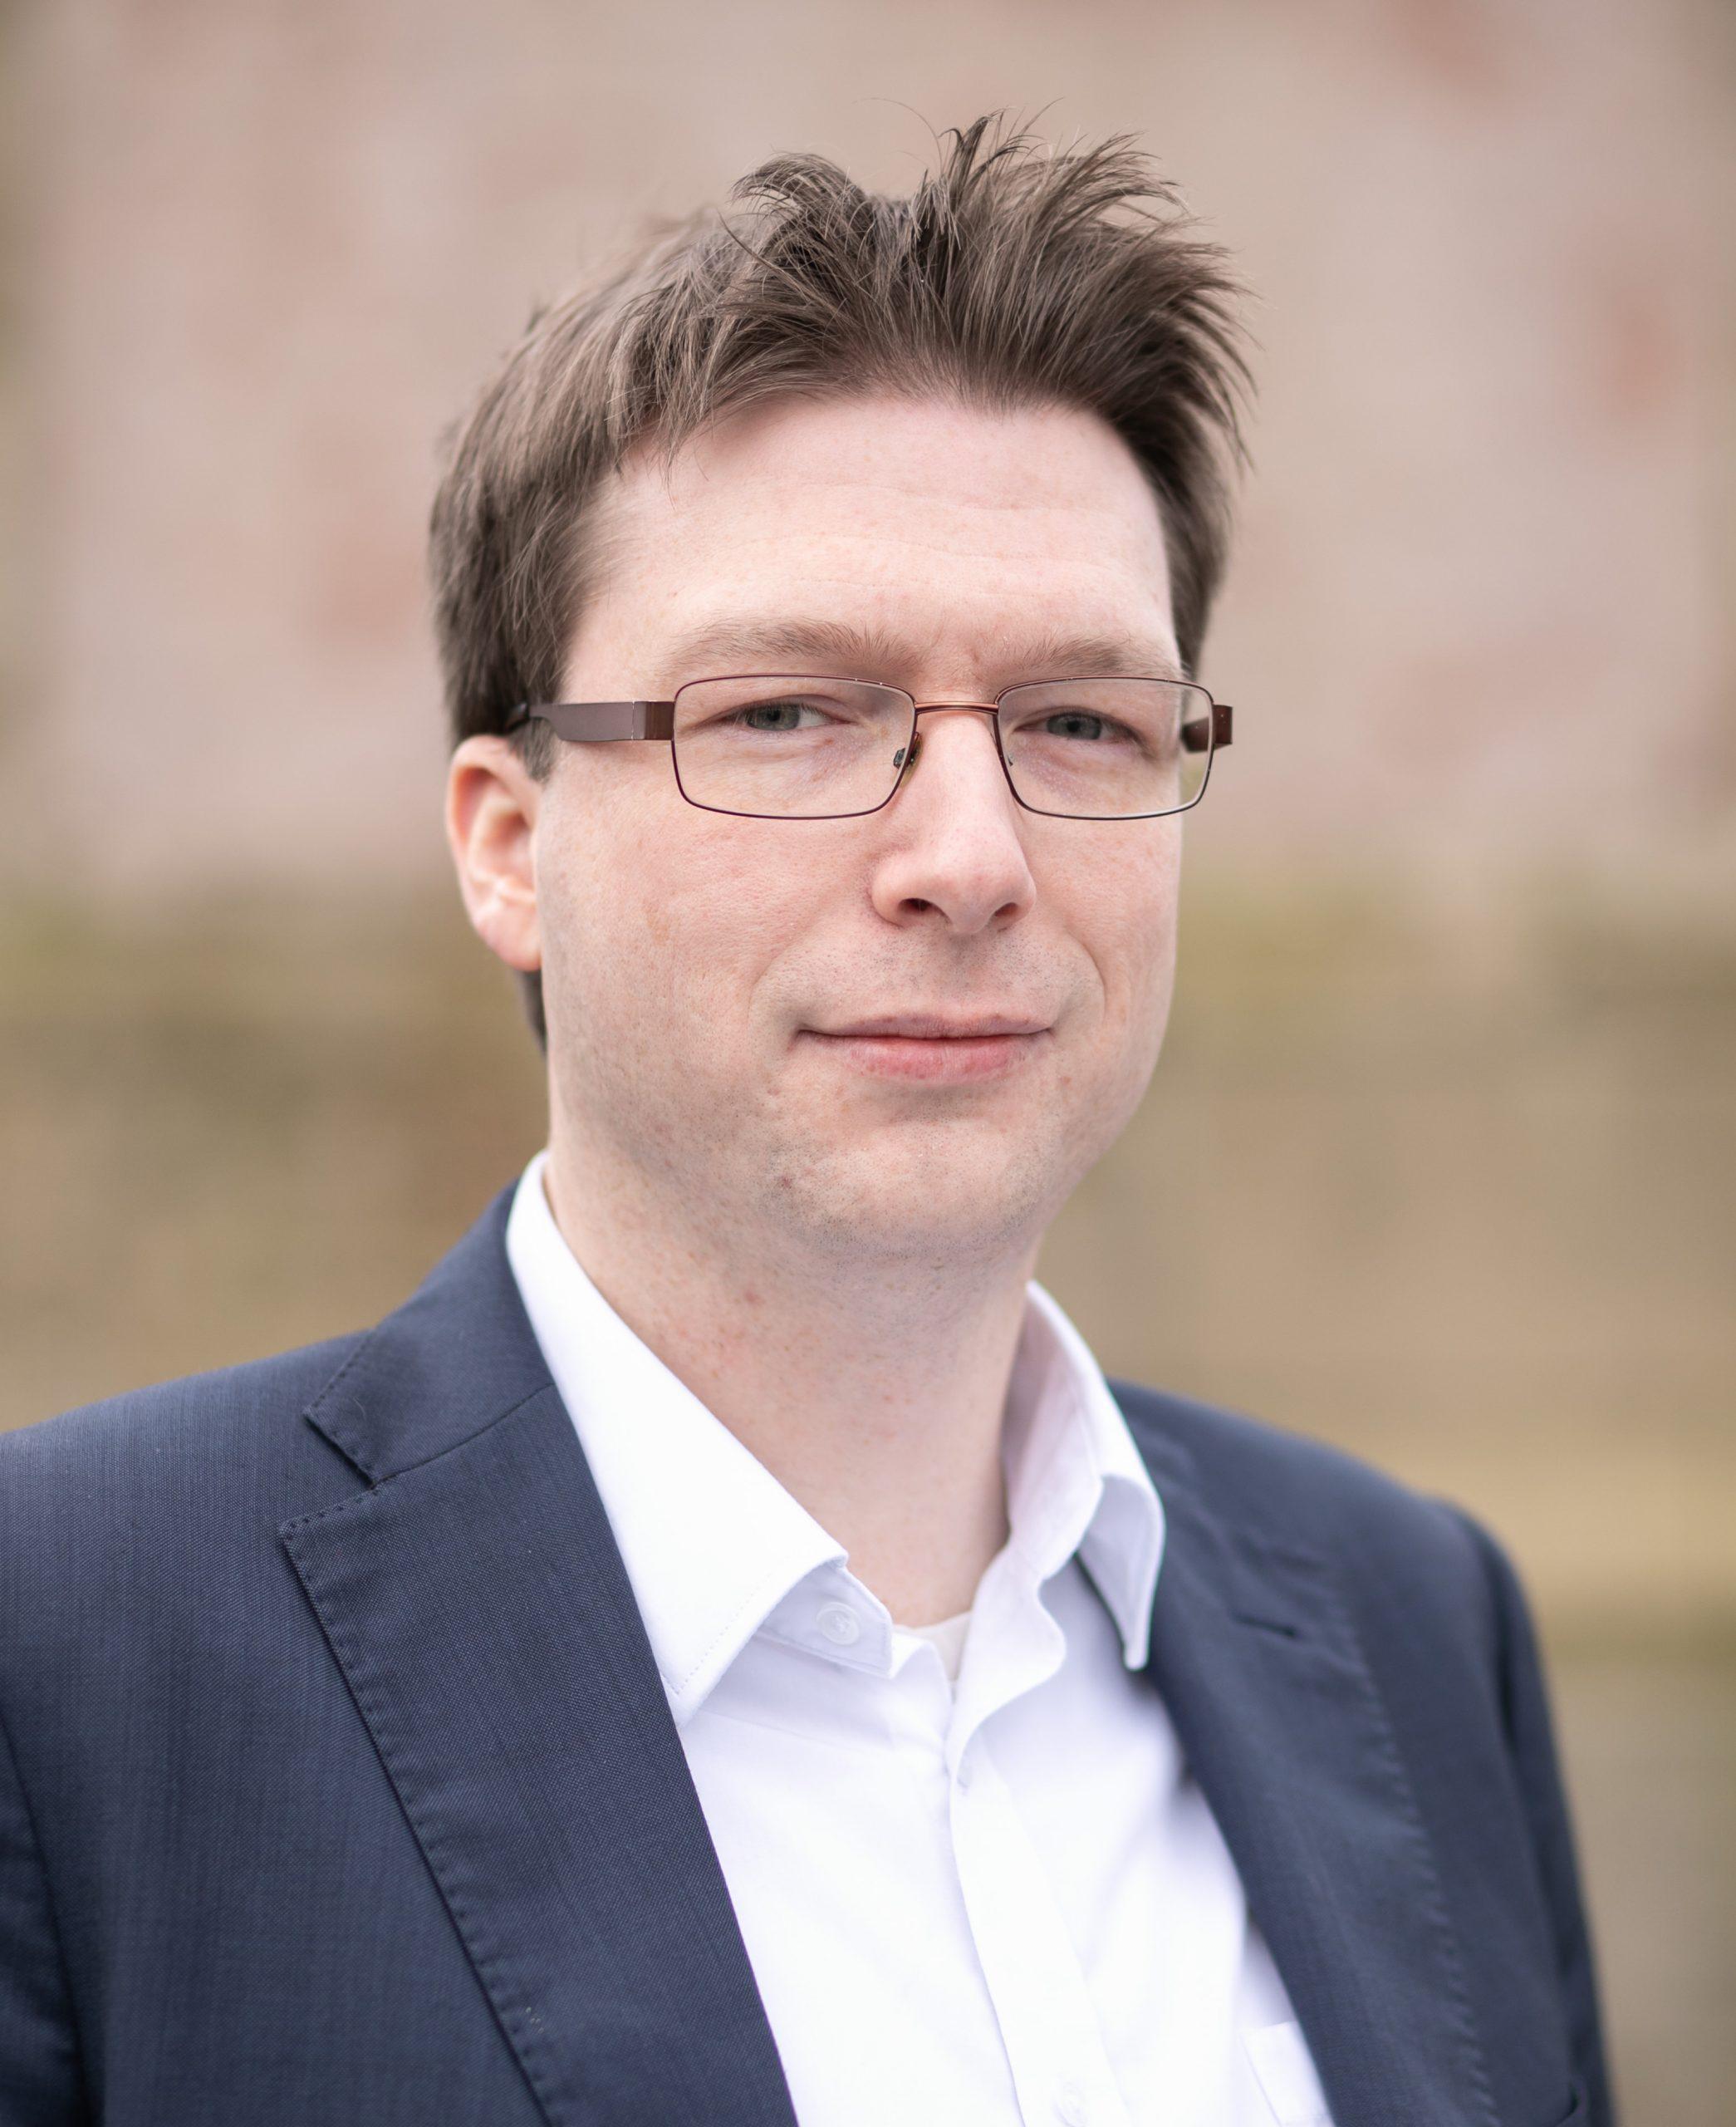 Sean Gottschalk